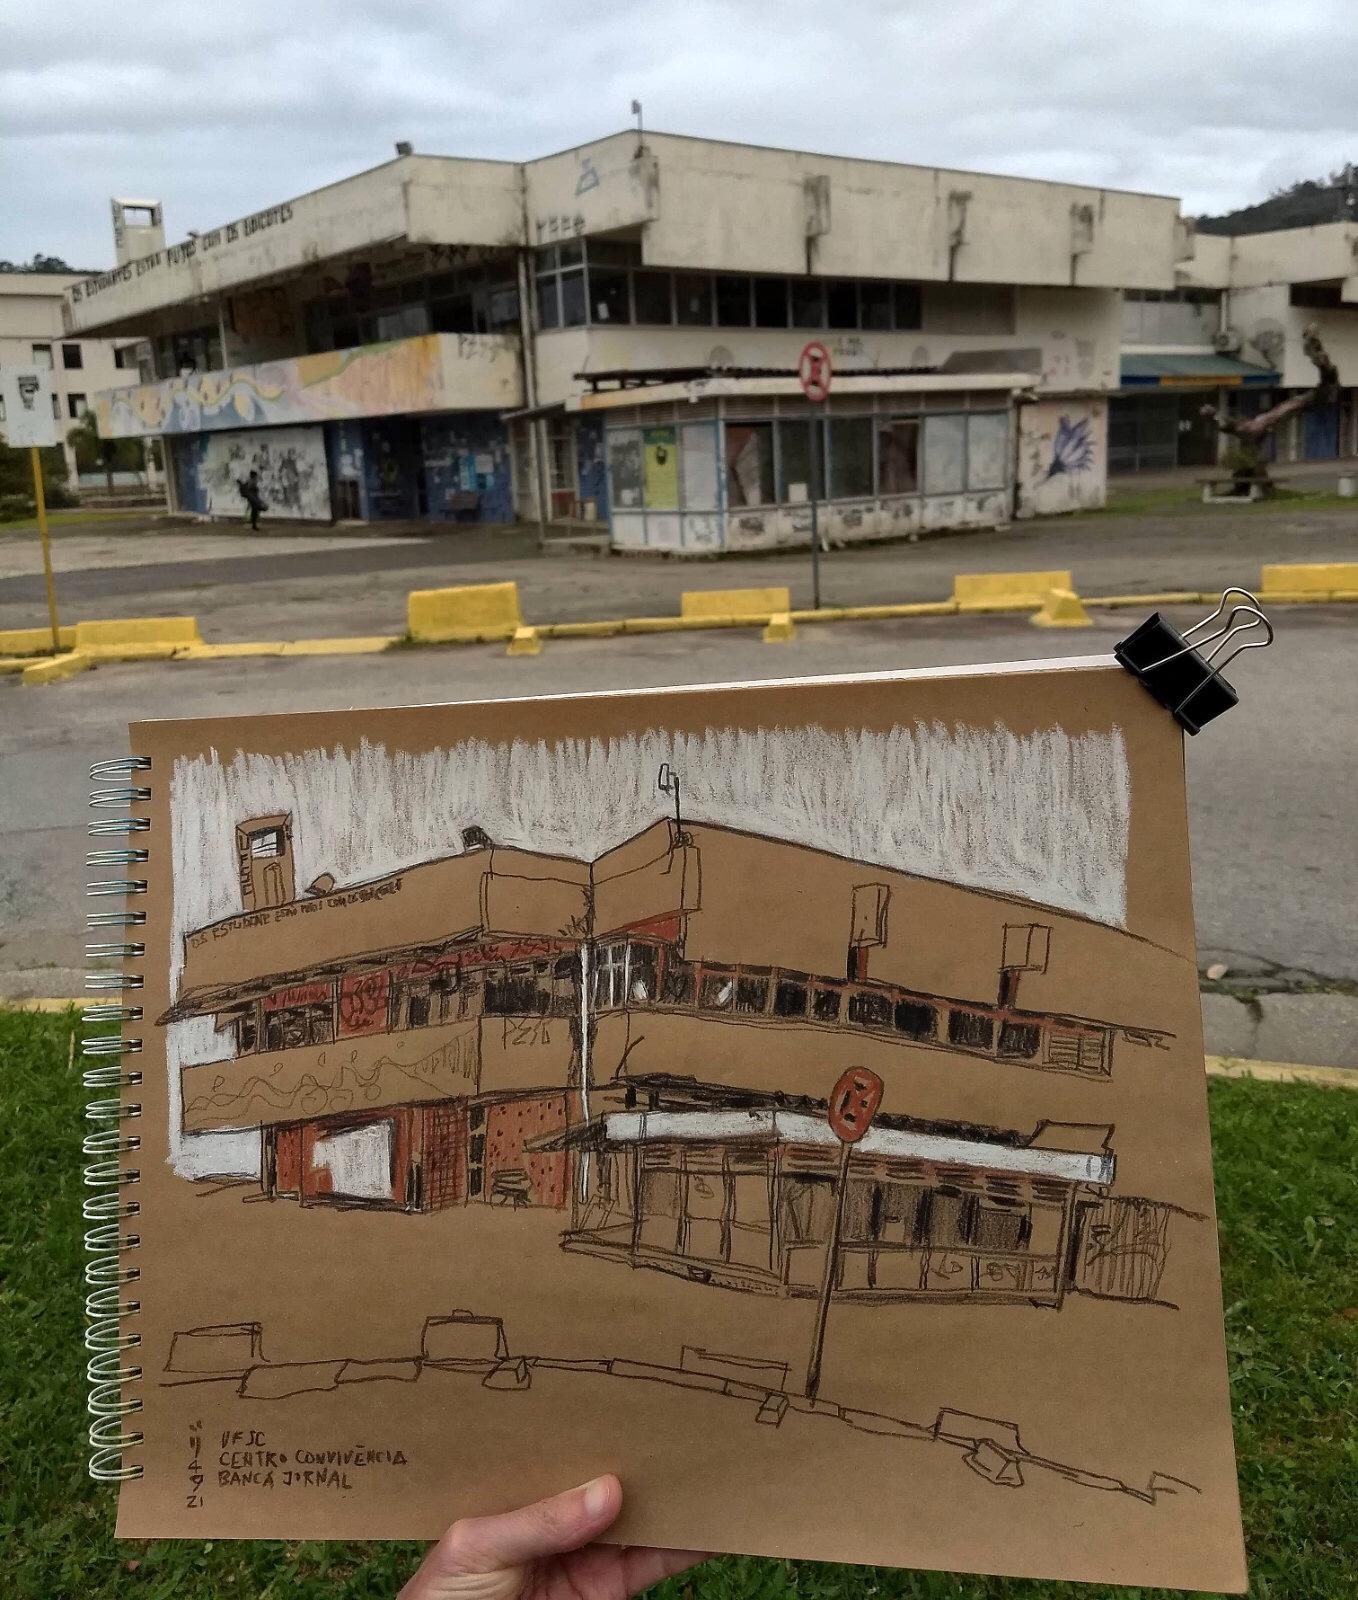 Foto do caderno com o desenho do Centro de Convivência em primeiro plano tendo ao fundo o Centro e a banca de jornais